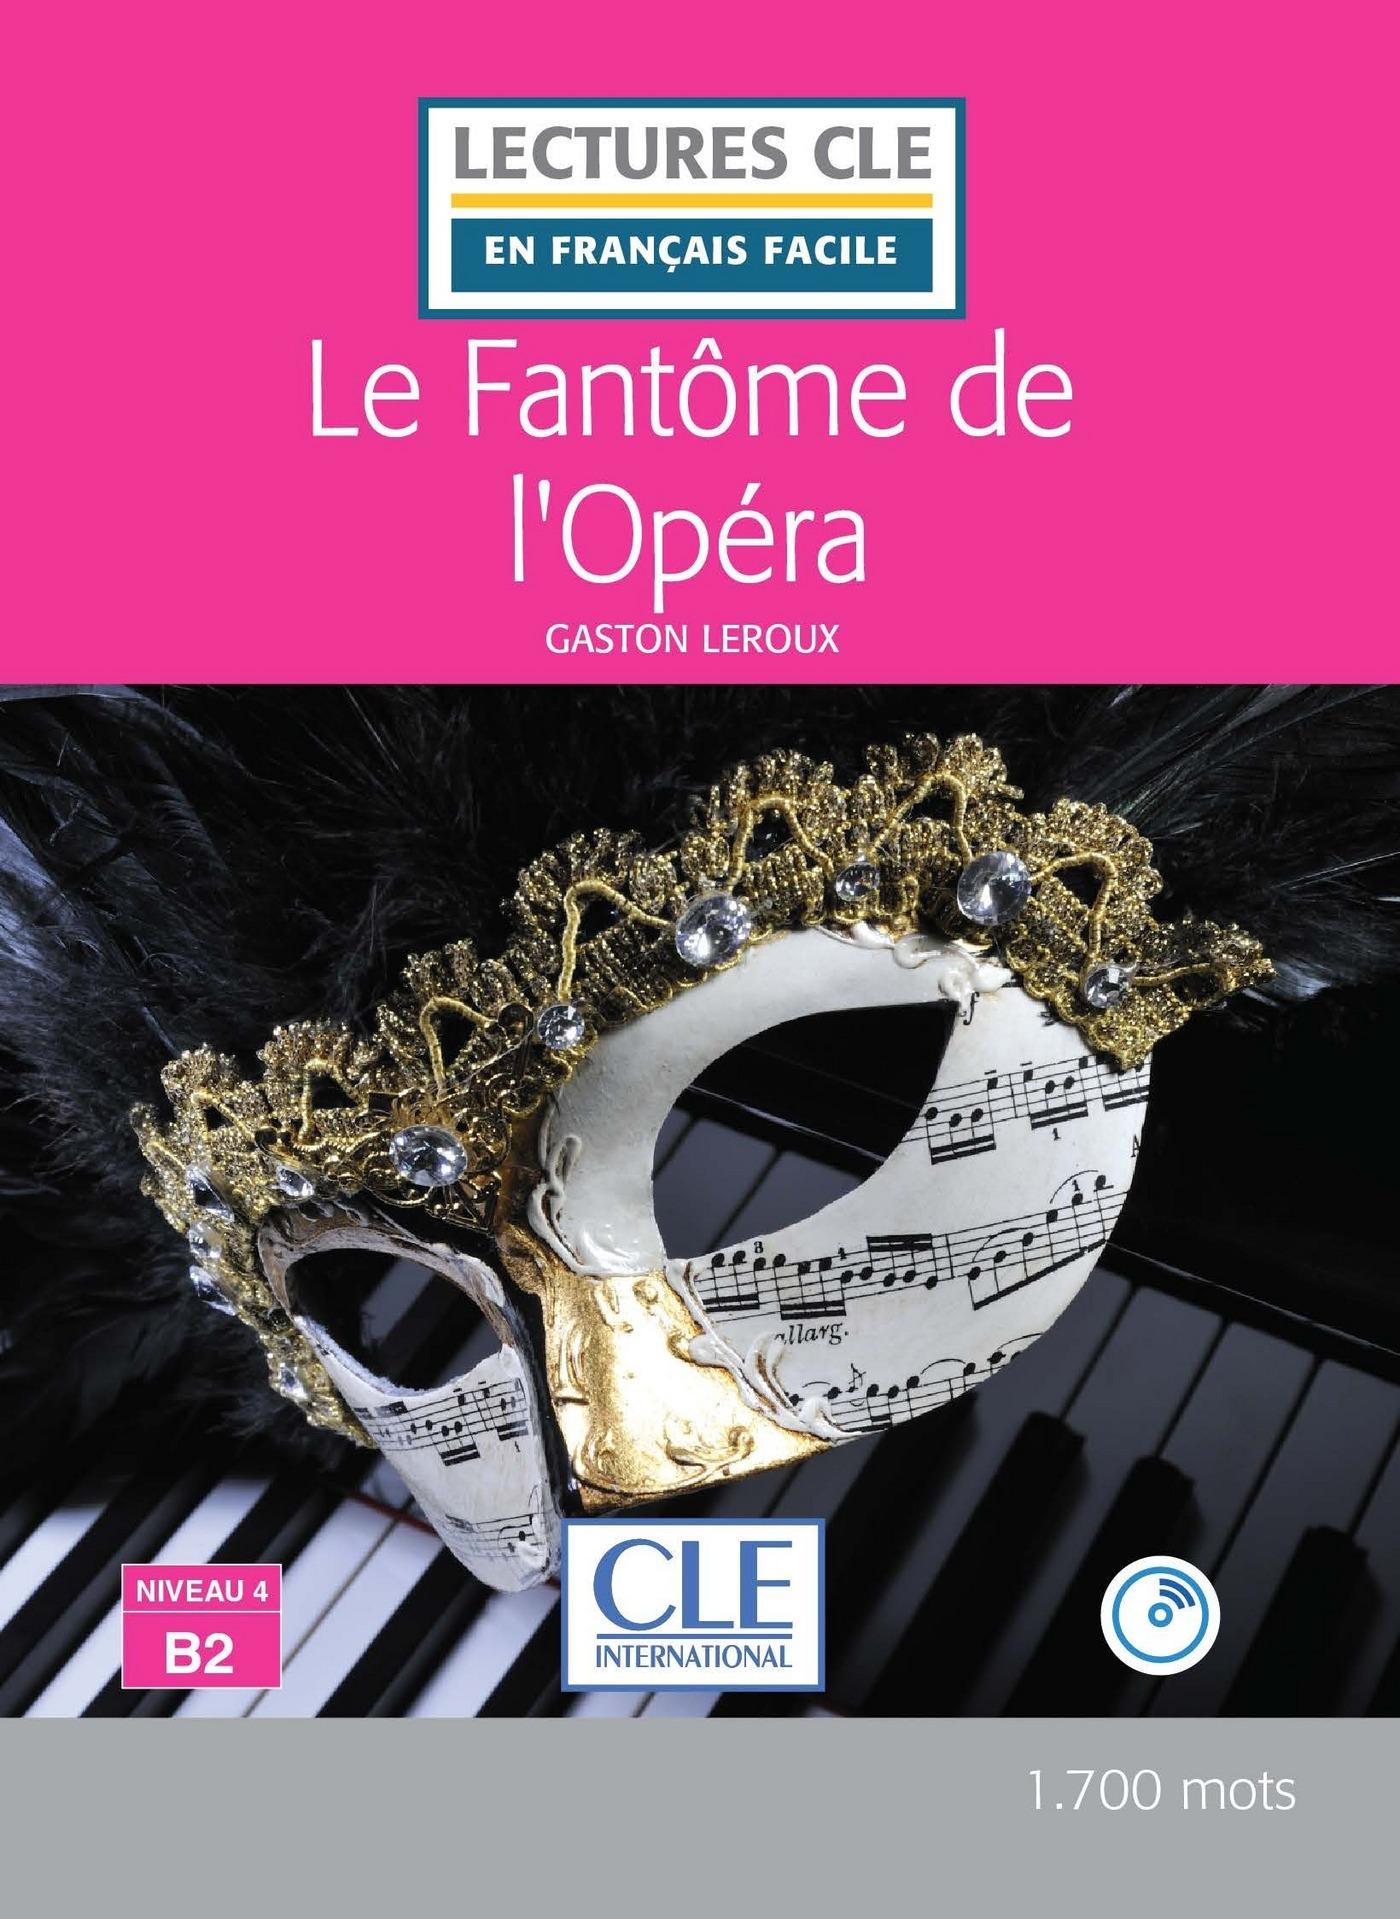 Le Fantôme de l'Opéra - Niveau 4/B2 - Lectures CLE en Français Facile - Ebook